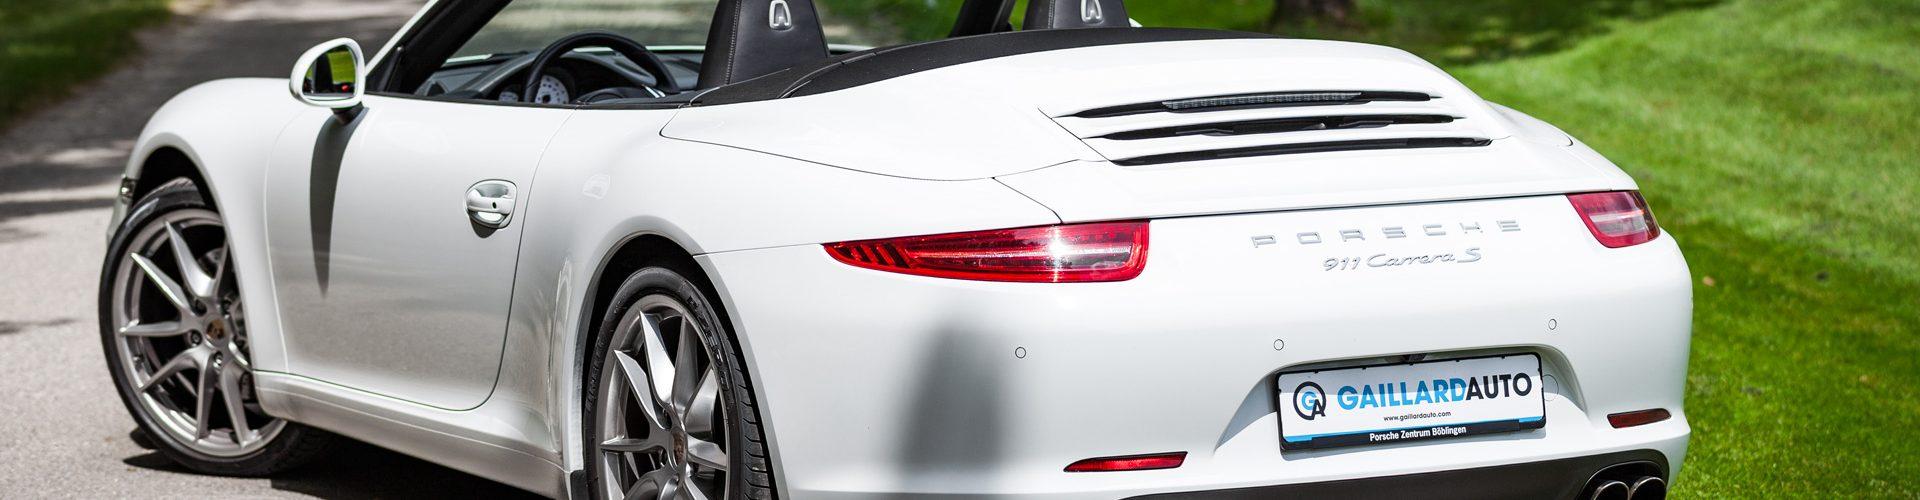 Une Porsche importée d'Allemagne par Gaillard Auto